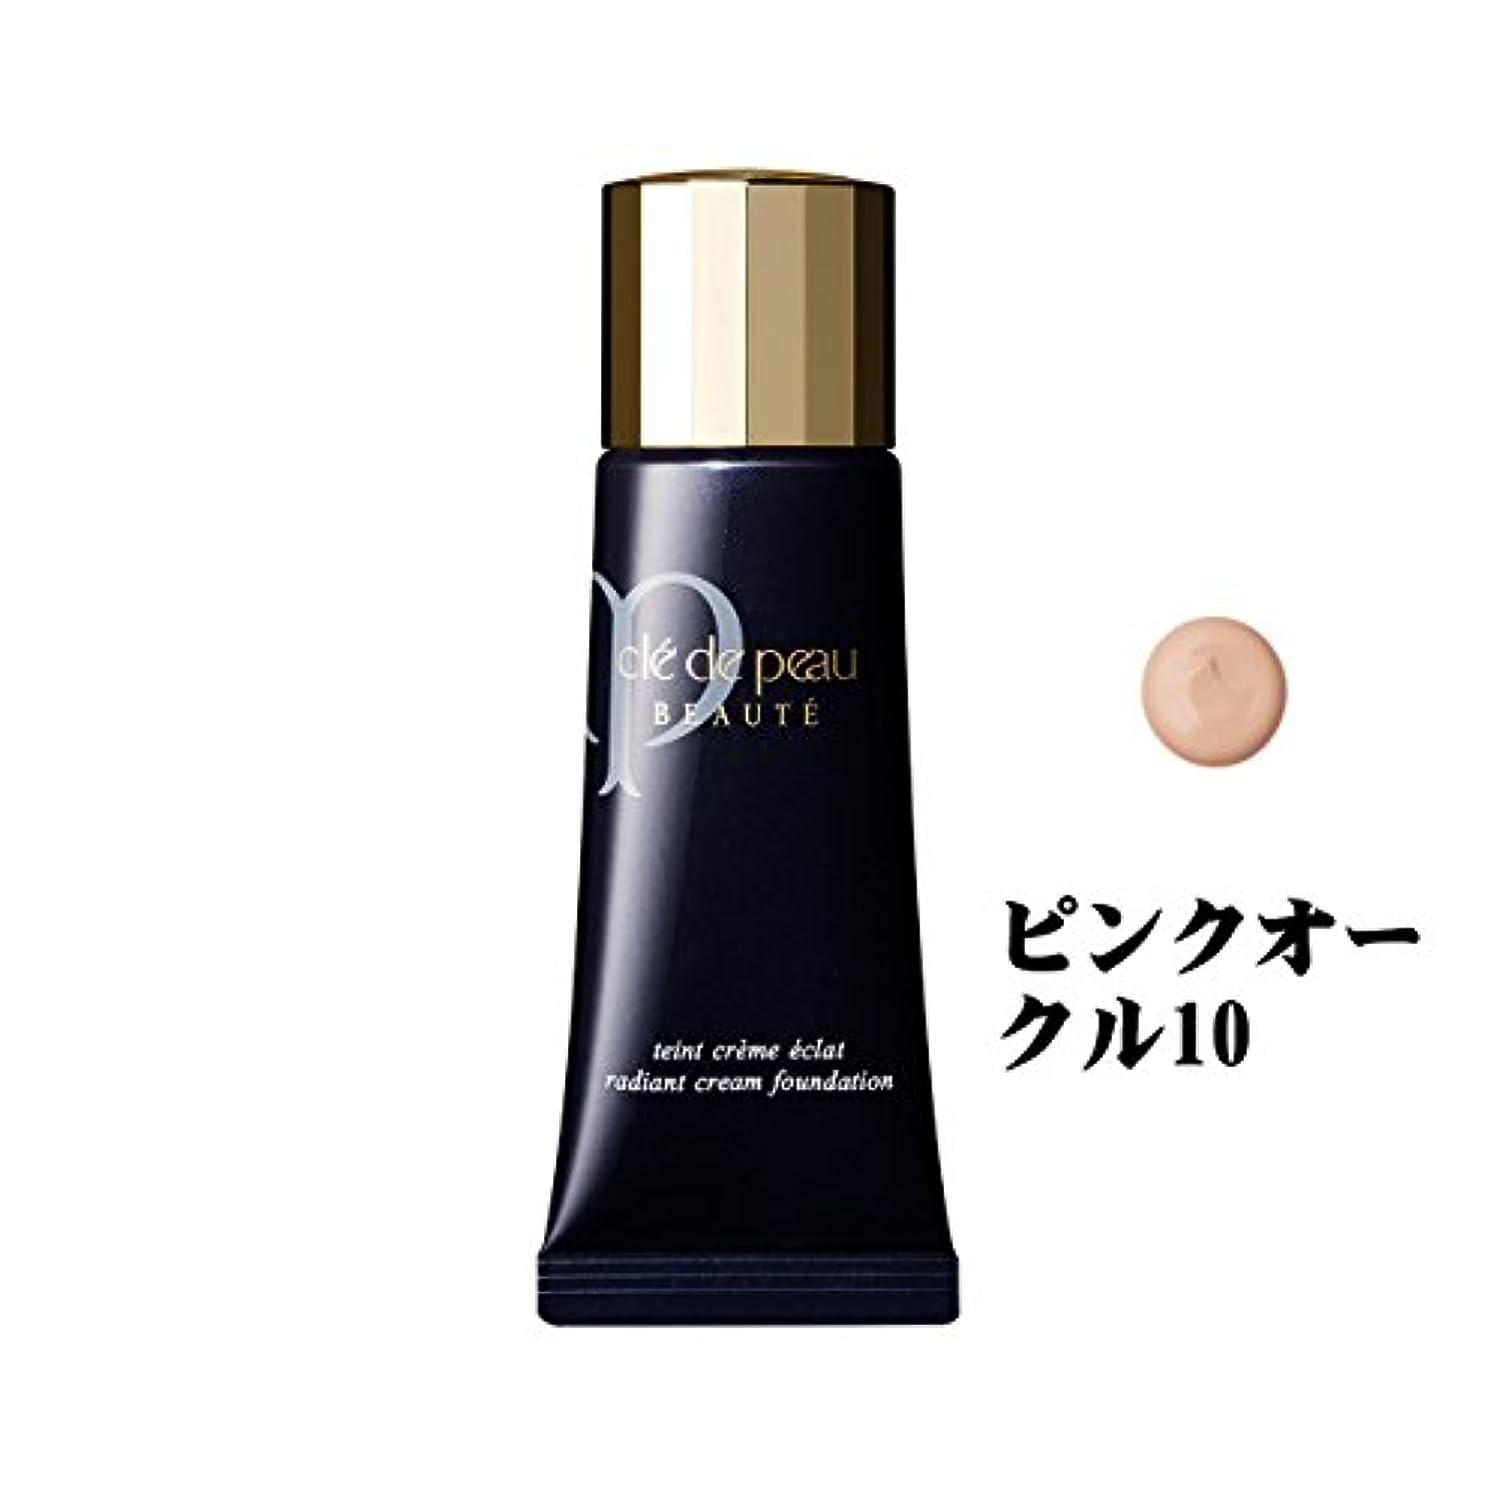 ハンマーピケぴかぴか資生堂/shiseido クレドポーボーテ/CPB タンクレームエクラ クリームタイプ SPF25?PA++ ピンクオークル10